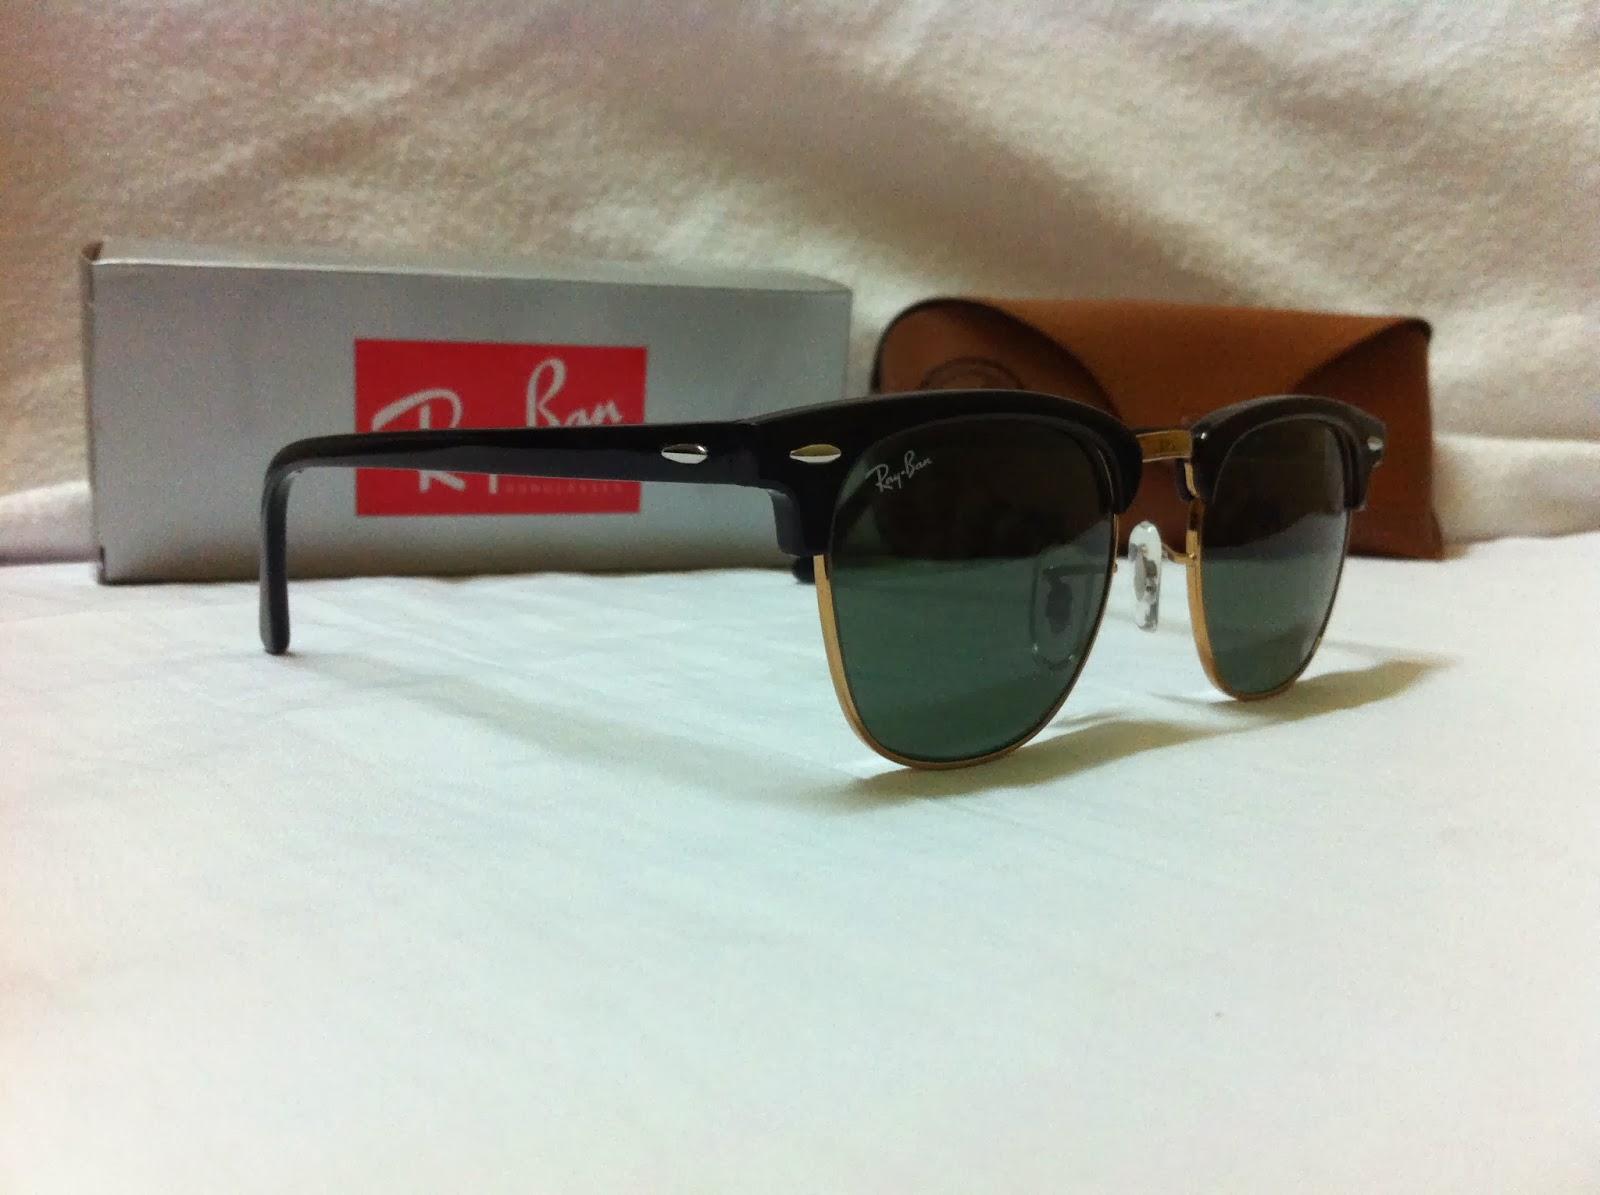 8c568fb86 Sunglasses & watches: عرض خاص نظارة شمسية ماركة Rayban